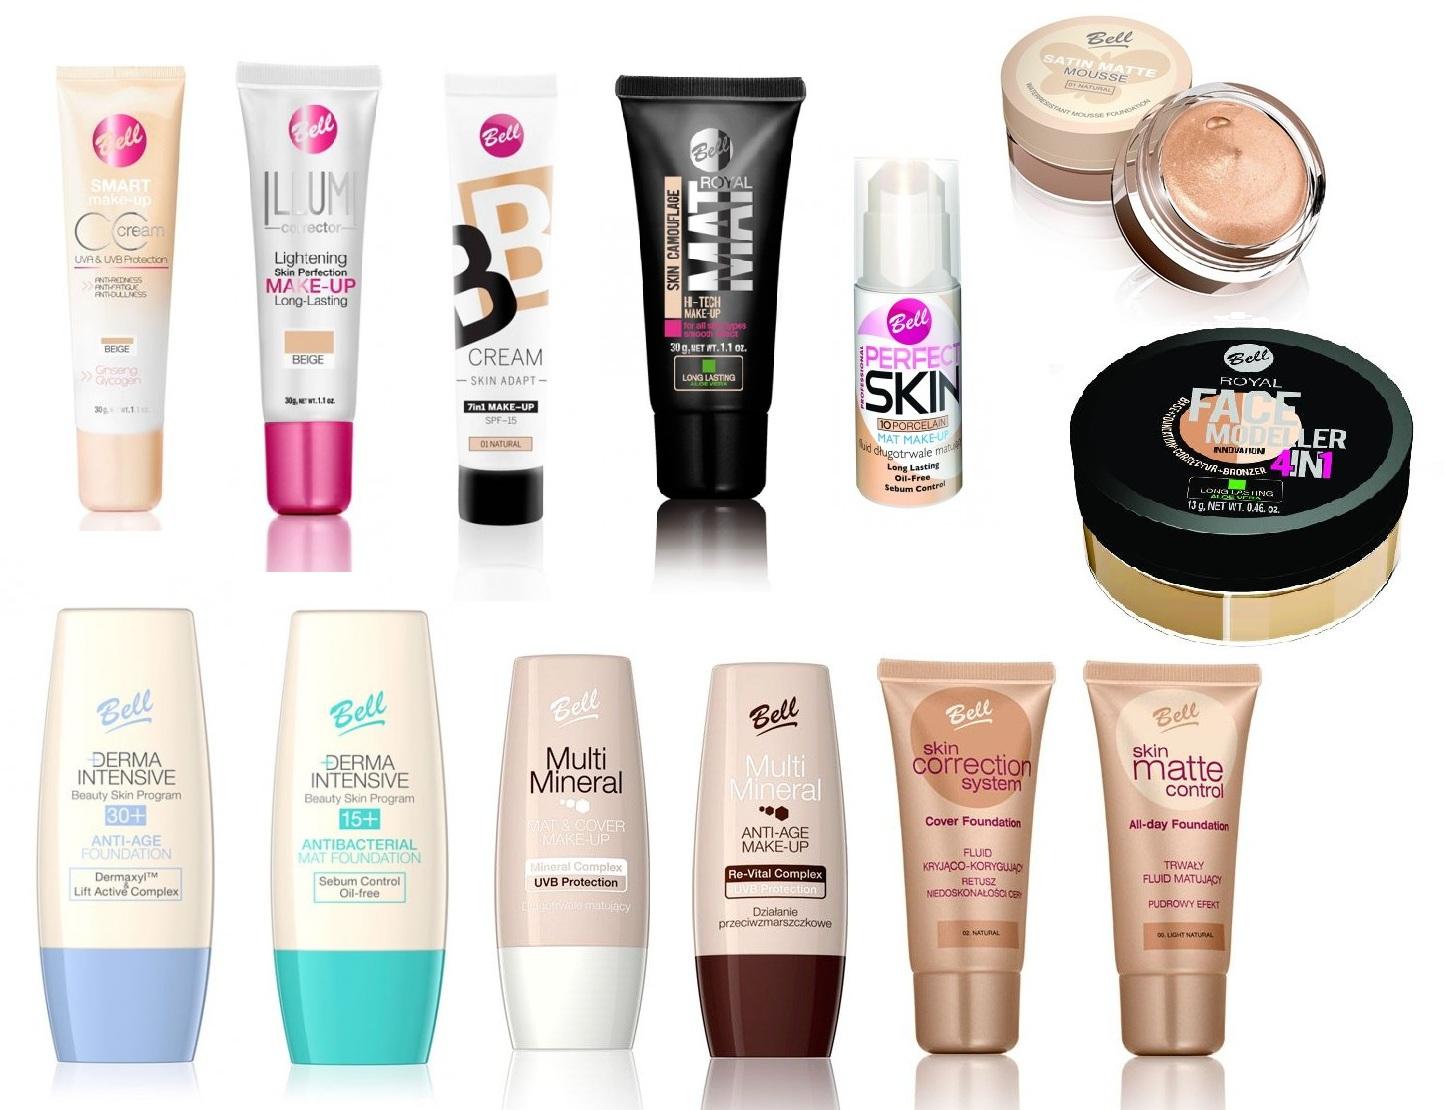 Bell tiene una gran variedad de bases de maquillaje, como veis, tenemos donde escoger. Depende de nuestro tipo de piel, el acabado que busquemos,